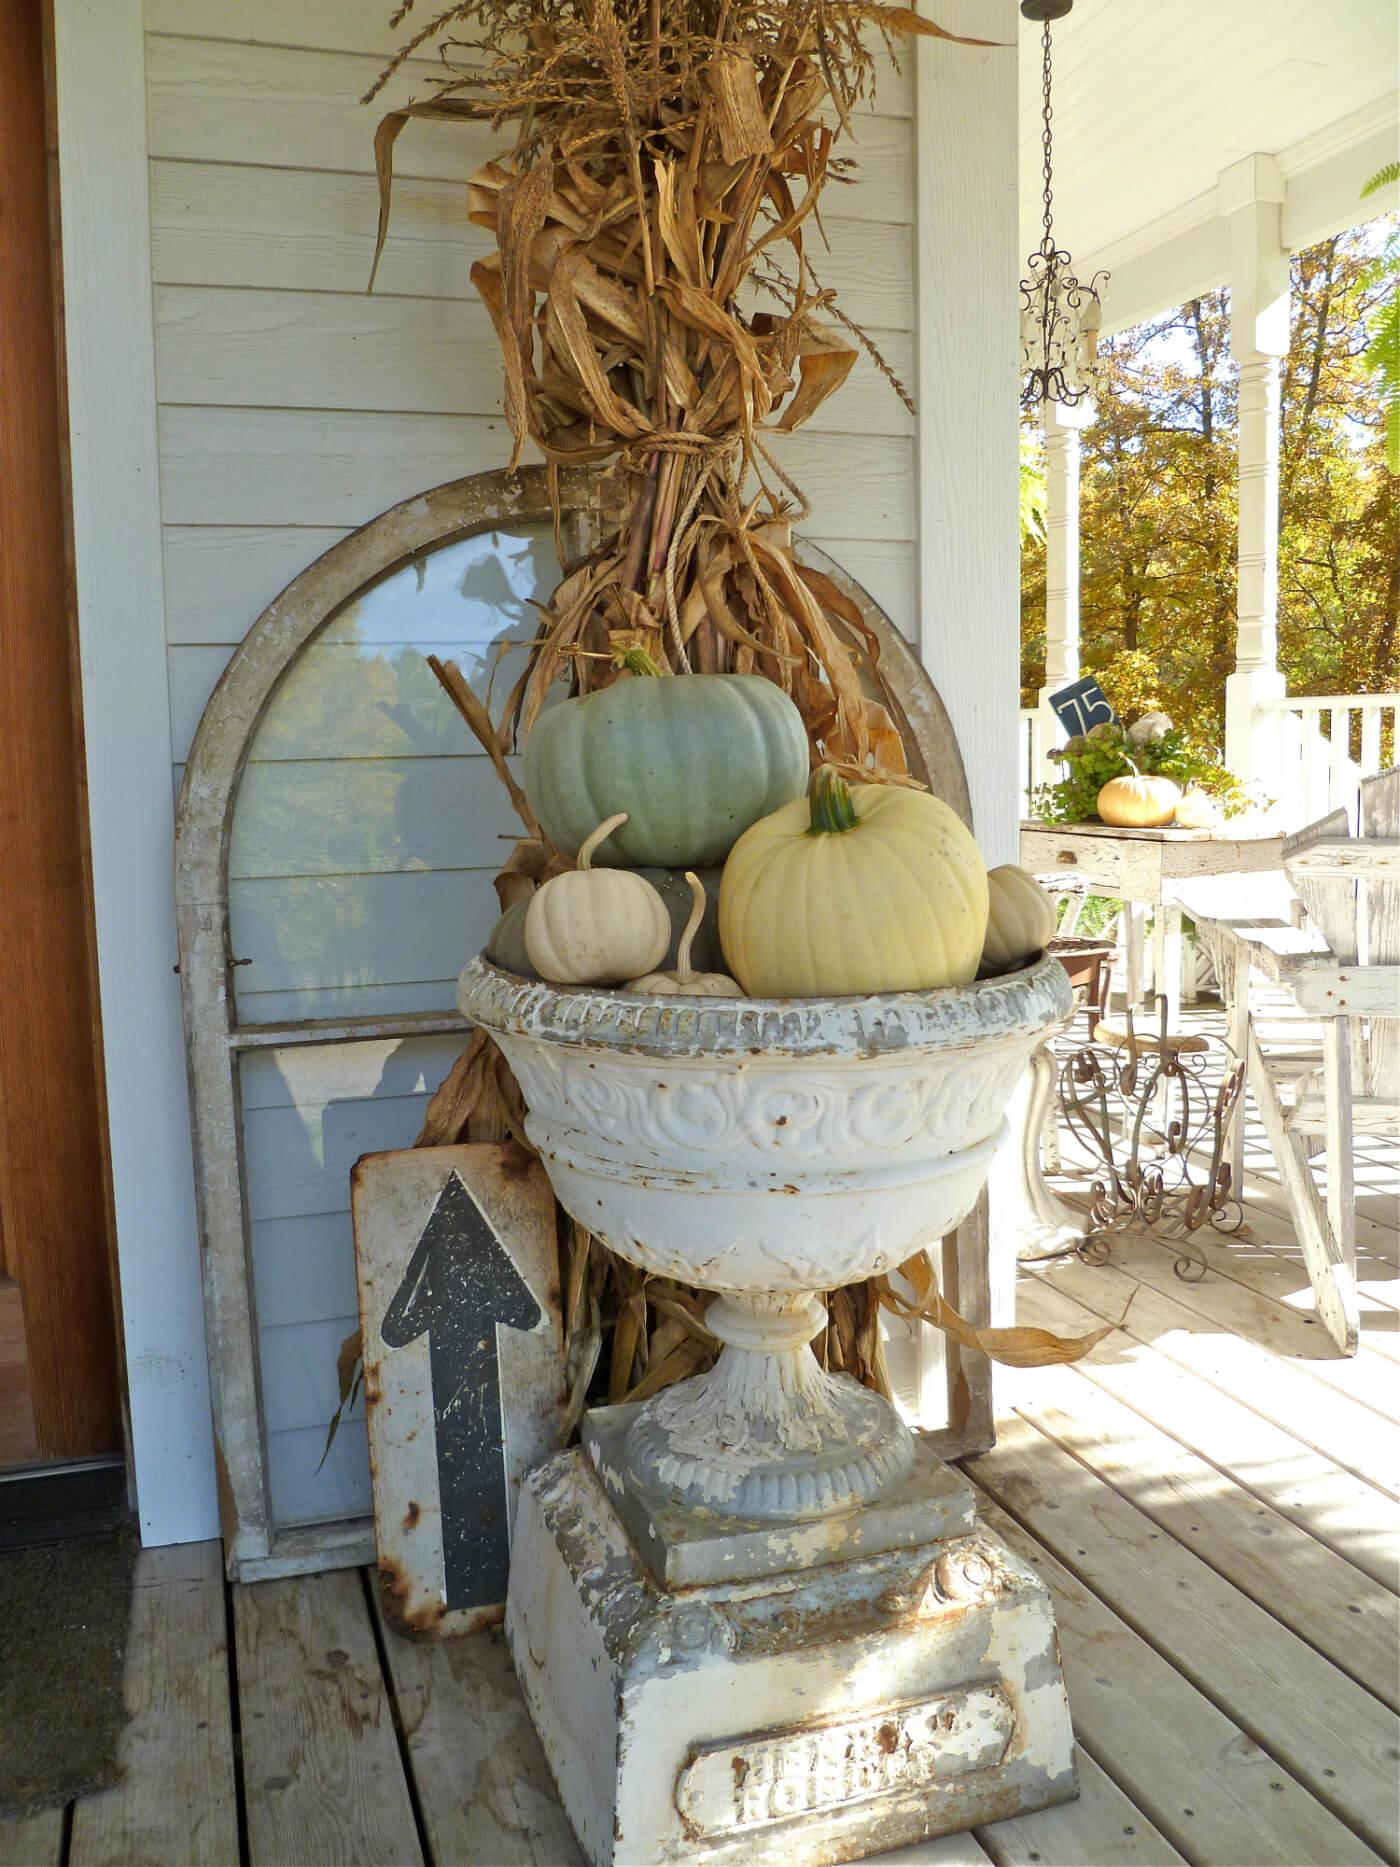 Superbes décorations d'urne d'automne et d'enseignes trouvées